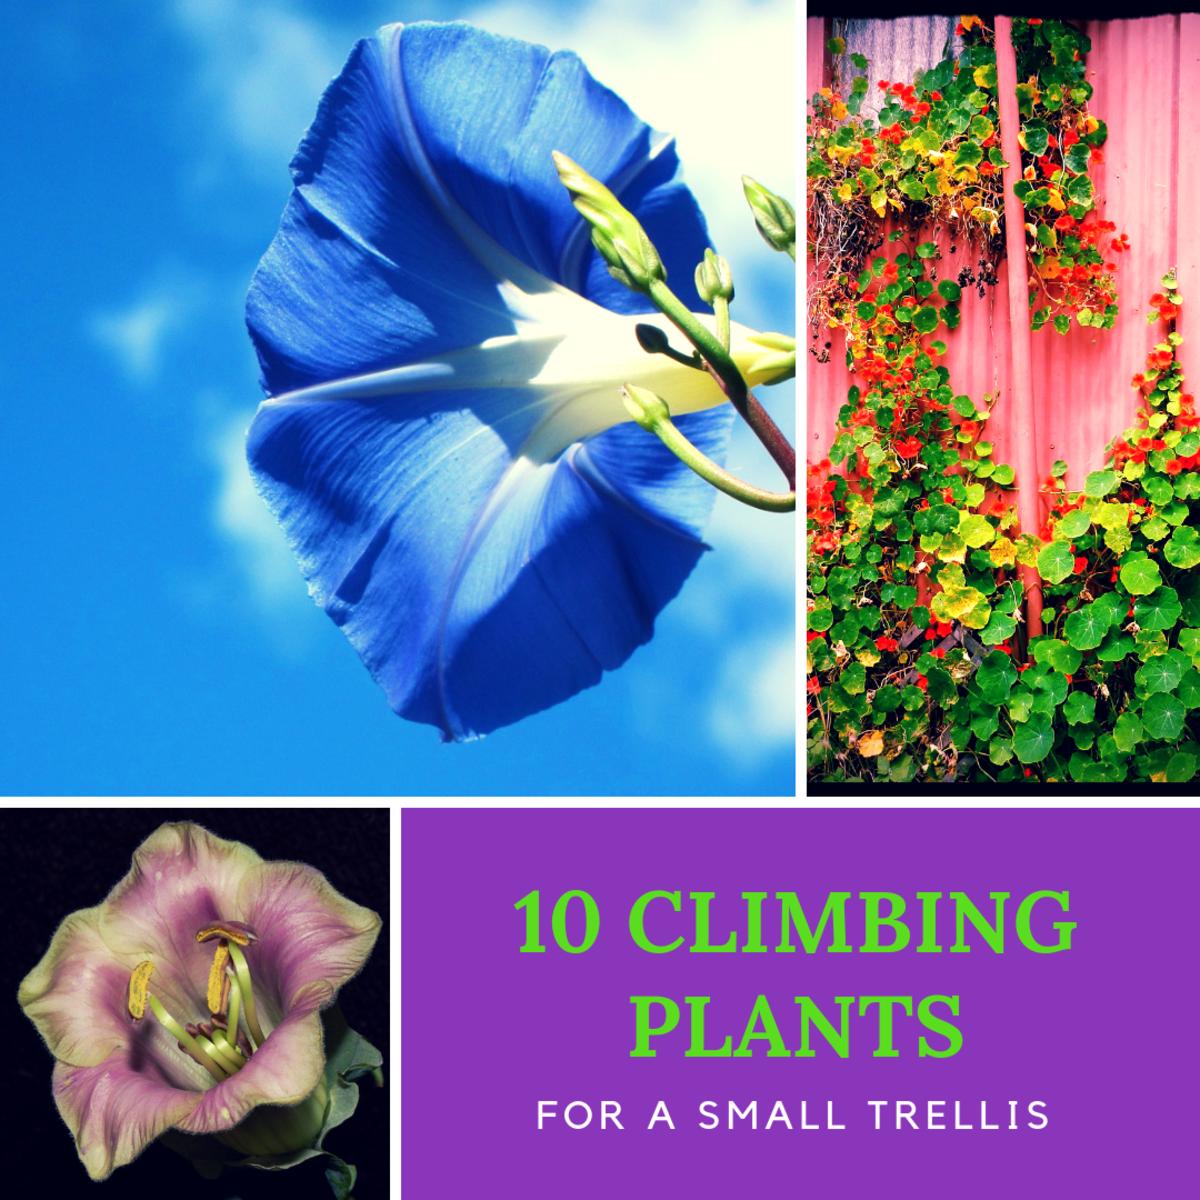 Top 10 Climbing Plants For A Small Trellis Dengarden